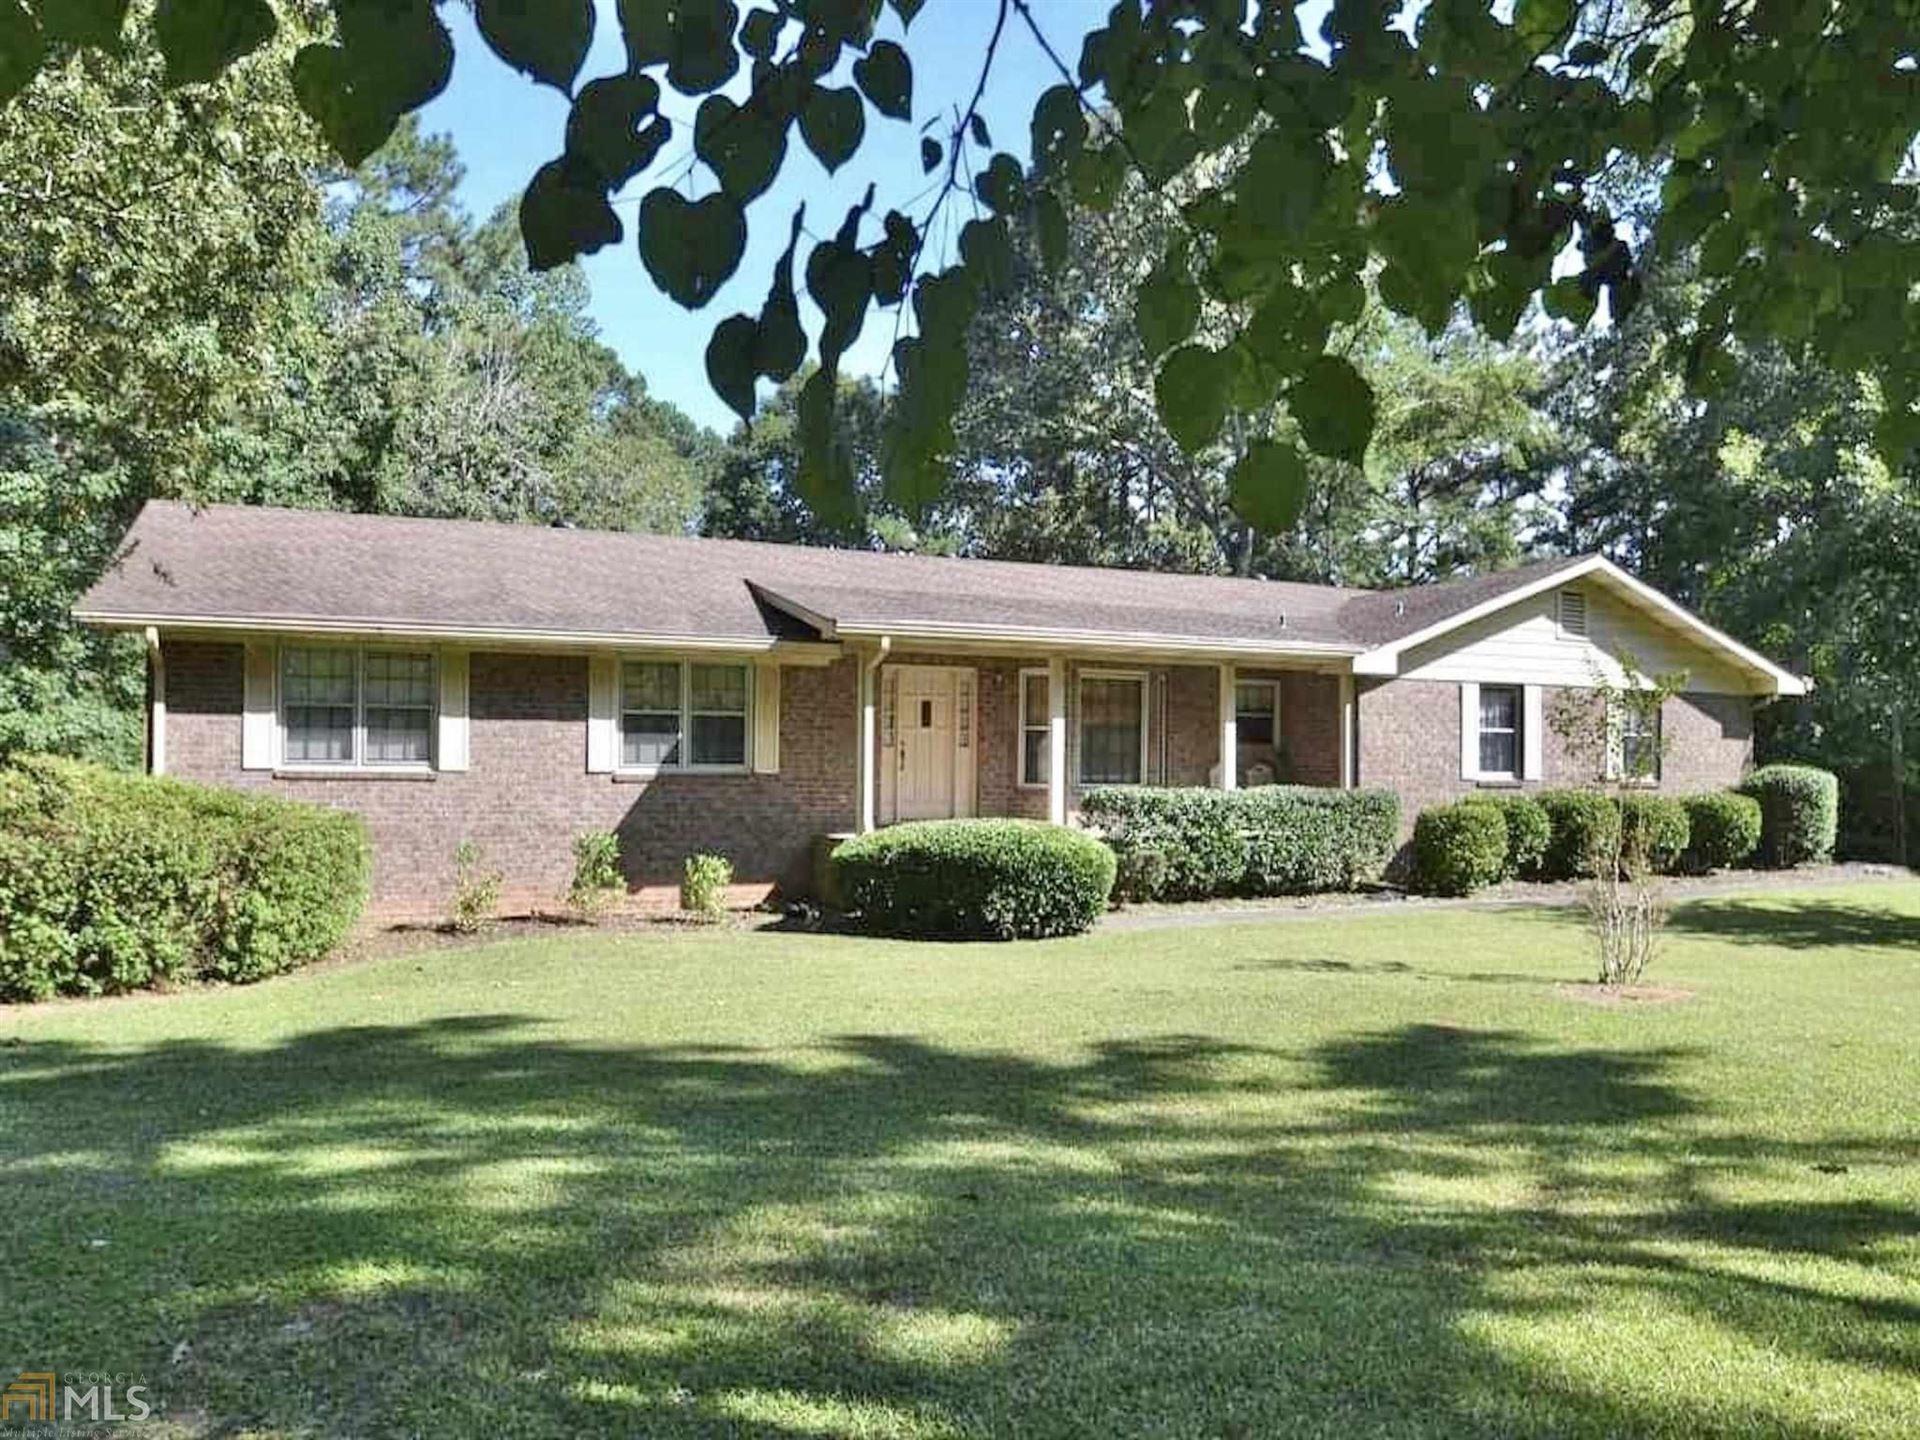 135 Cedar Cove Trl, Fayetteville, GA 30215 - MLS#: 8898009